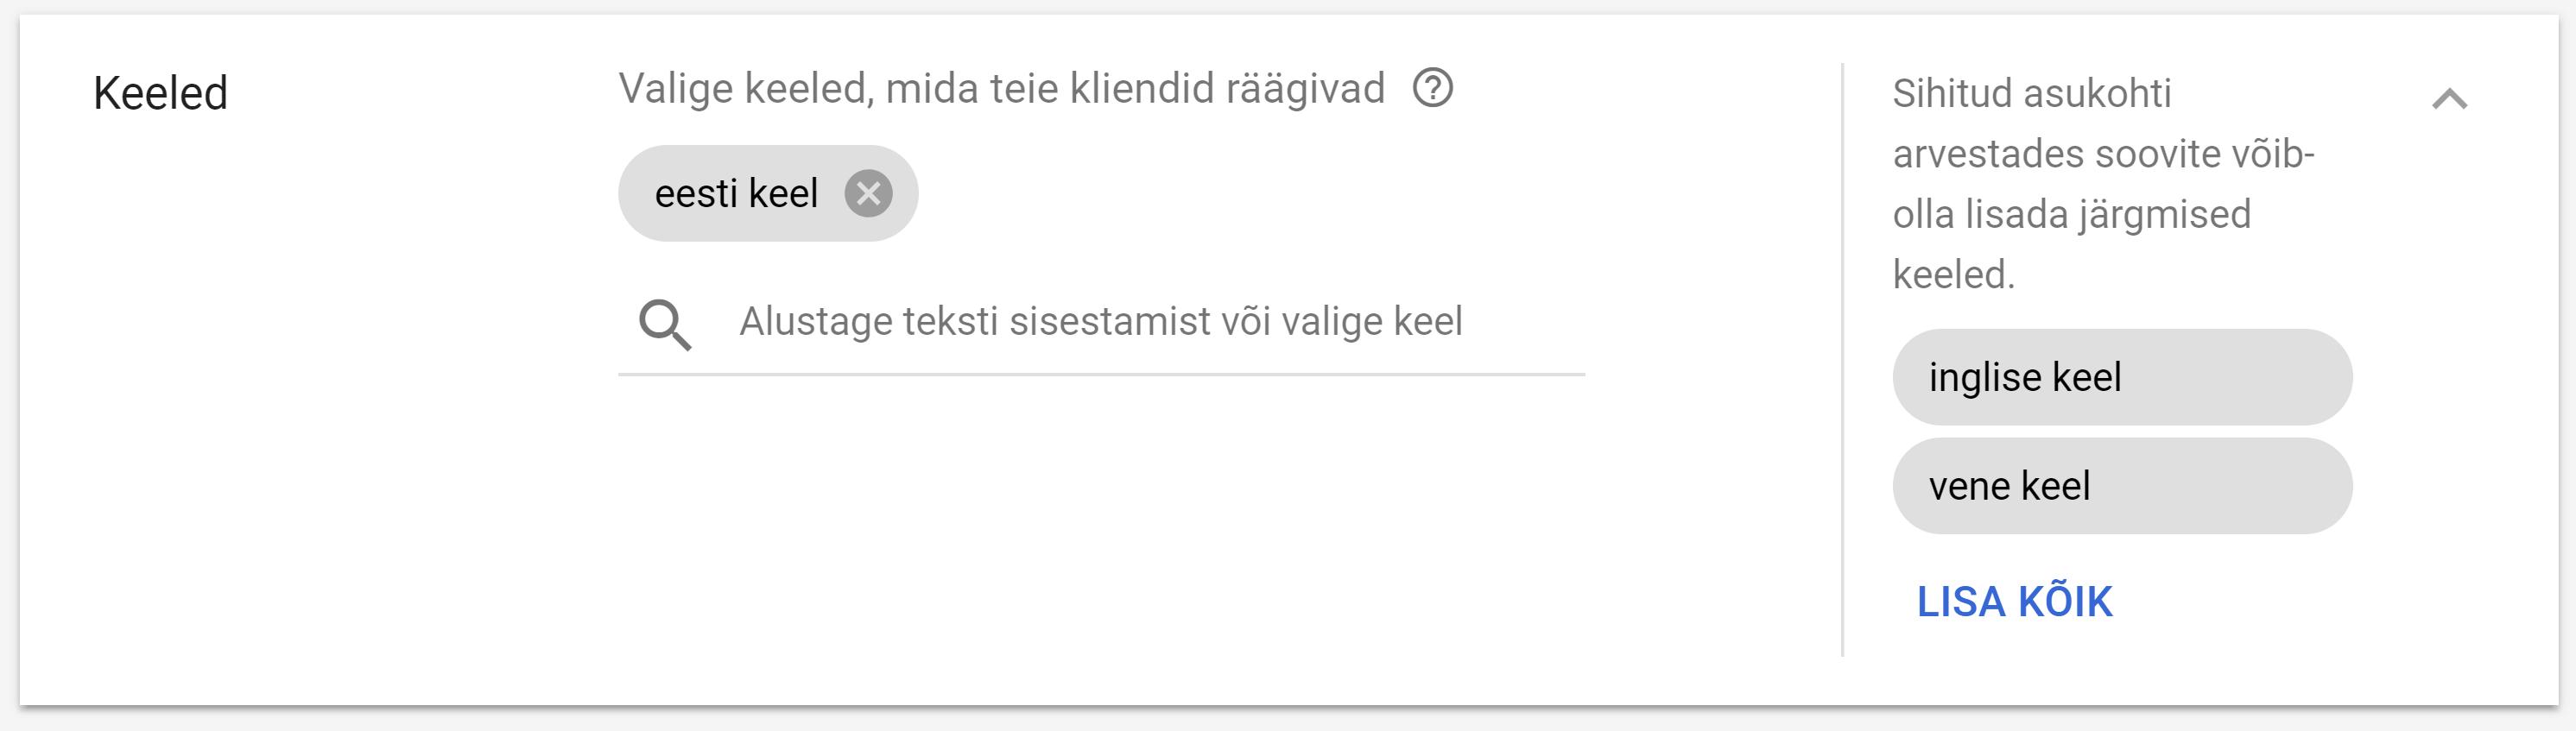 Kui sinu sihtgrupp räägib eesti keelt, siis keeleks olgu ainult eesti